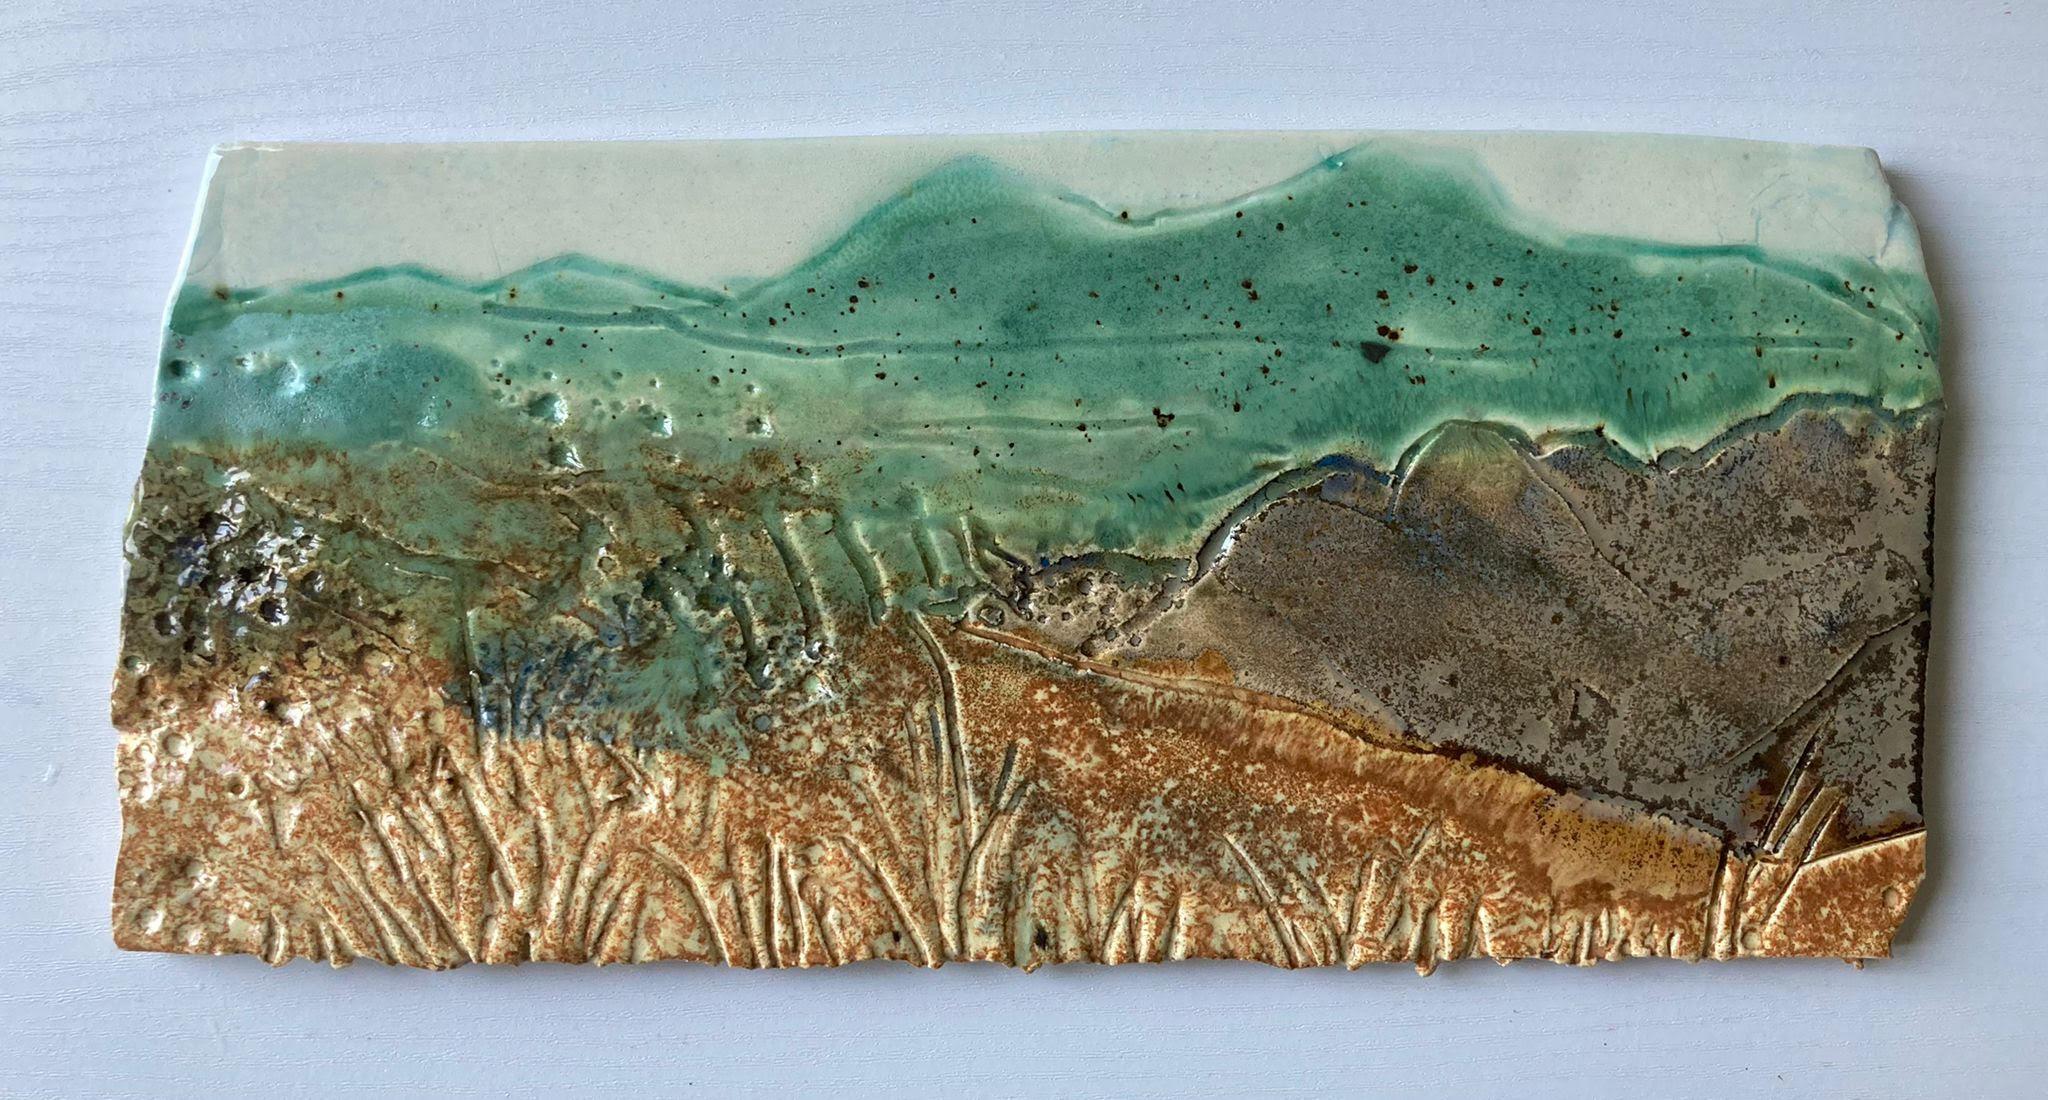 Bog, Rock, Grasses by Debbie Watkins